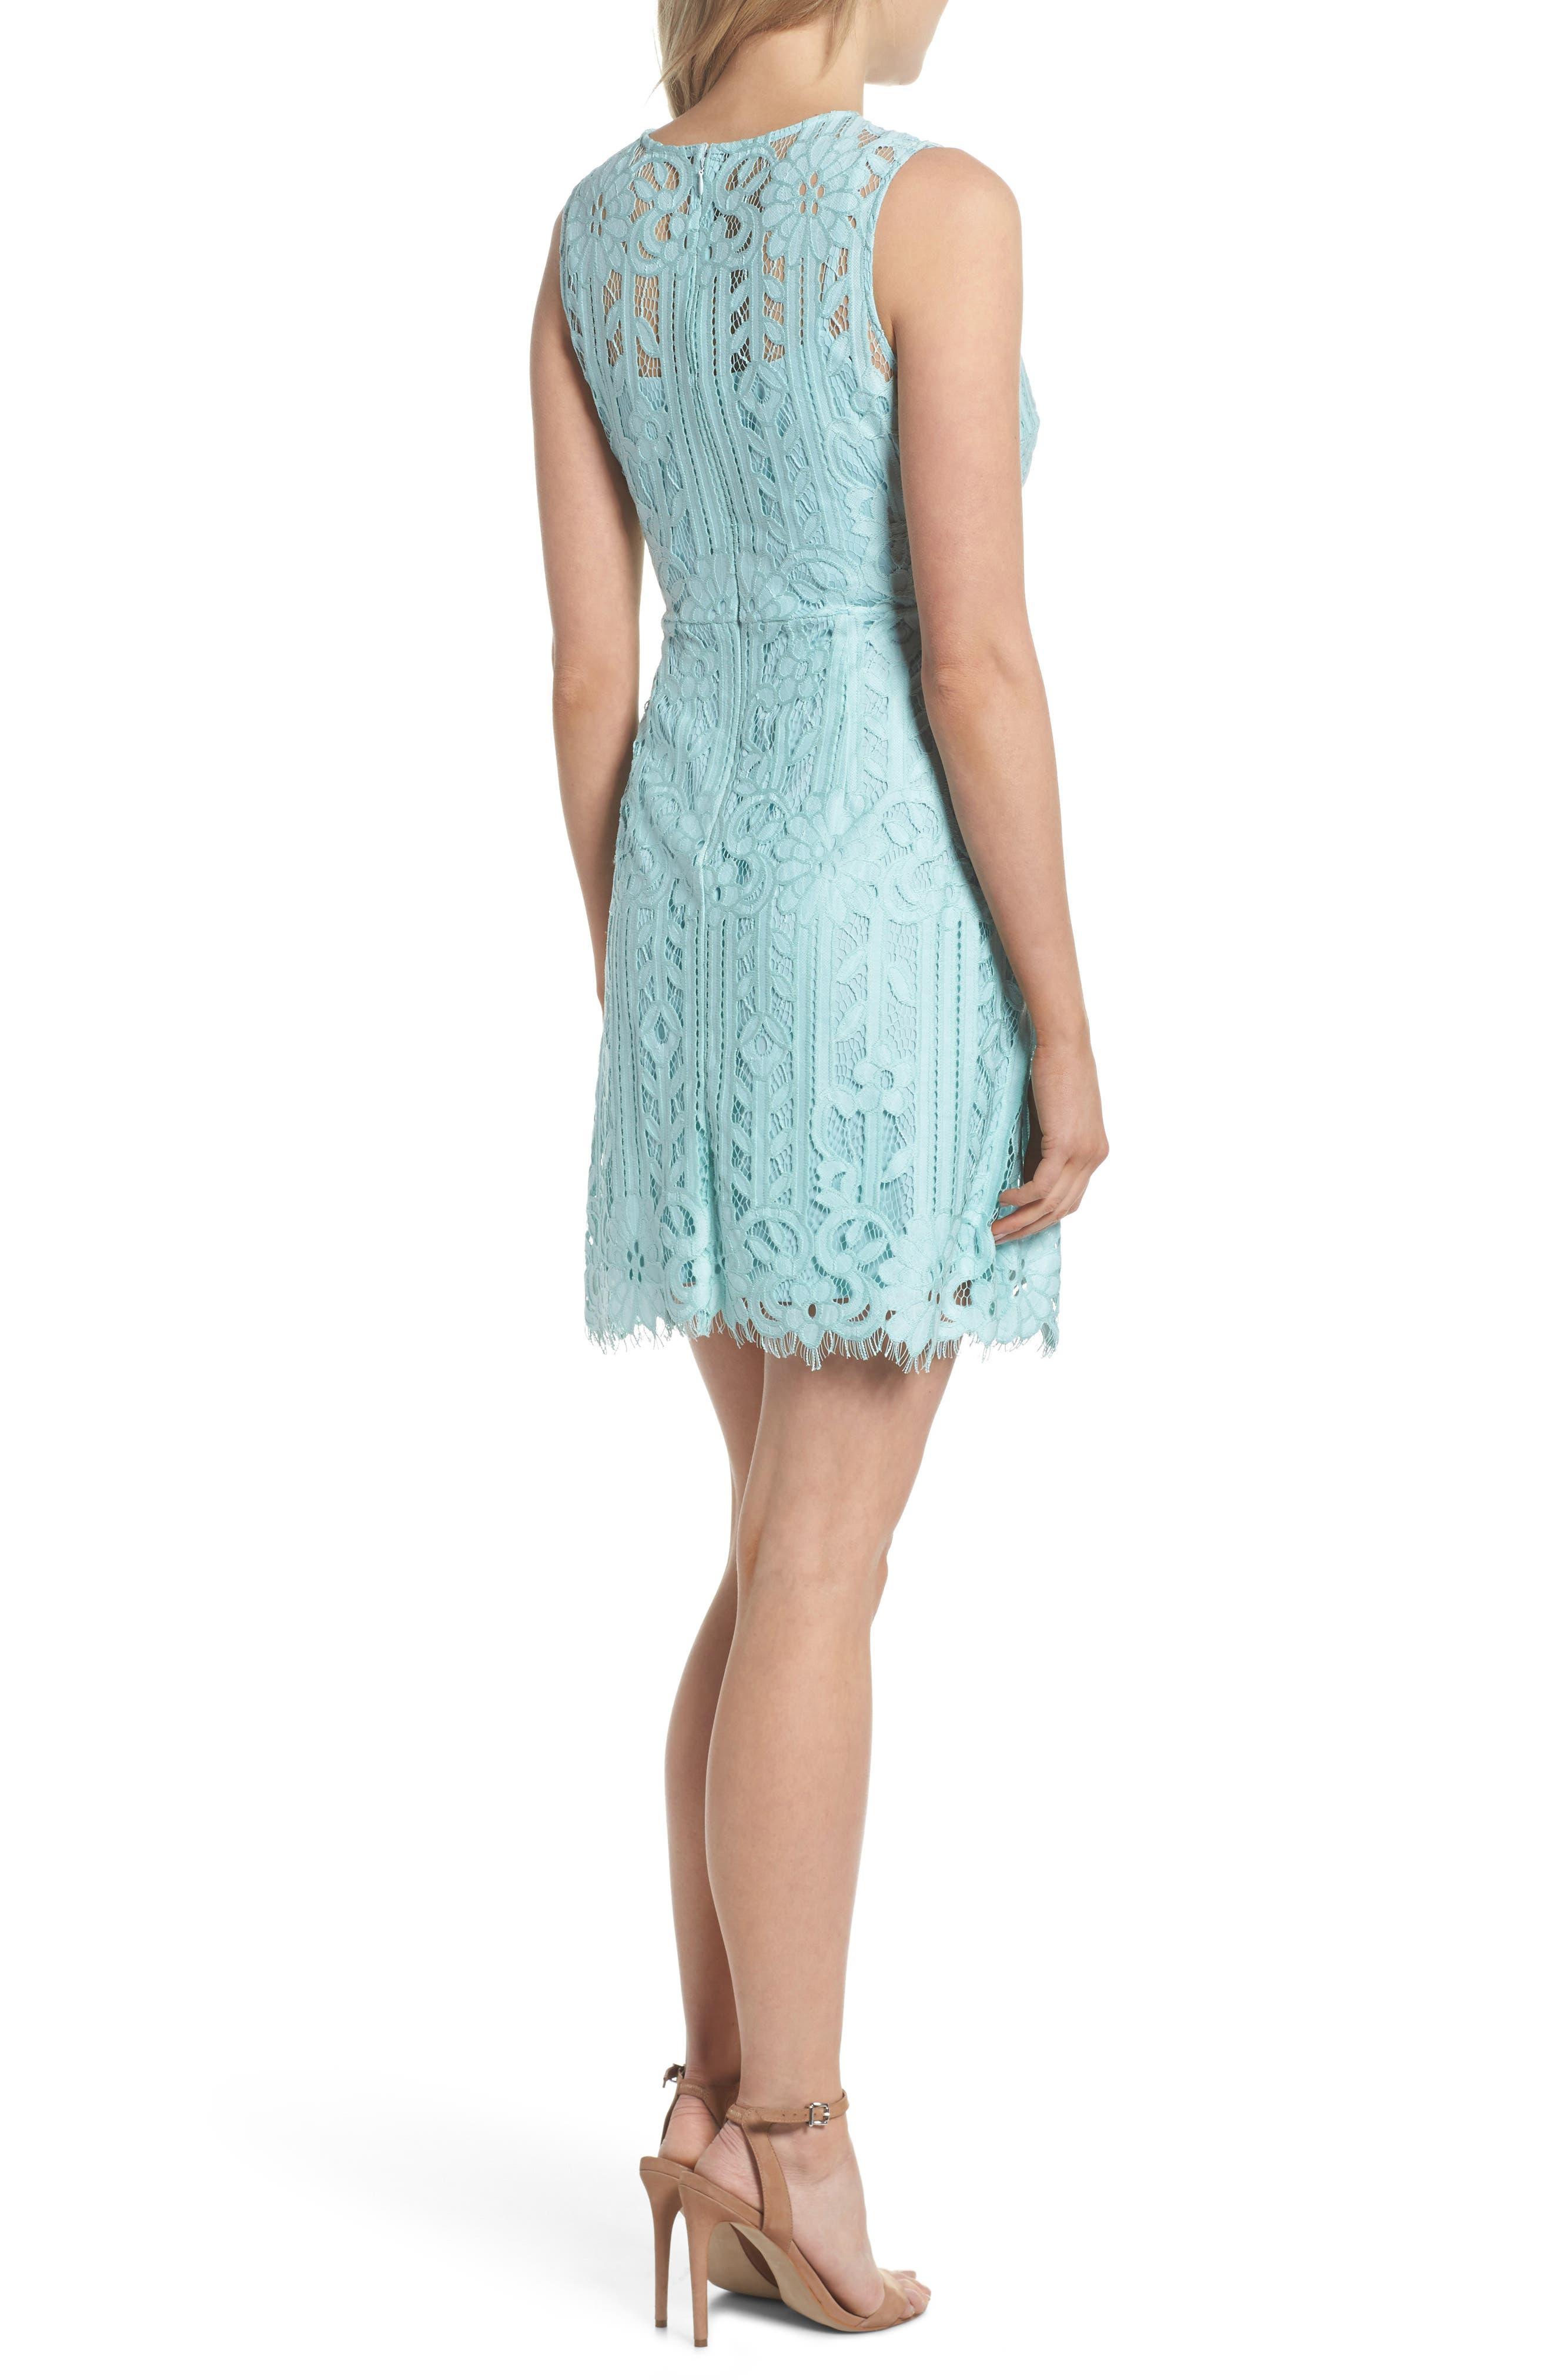 JULIA JORDAN,                             Sleeveless Lace Dress,                             Alternate thumbnail 2, color,                             332